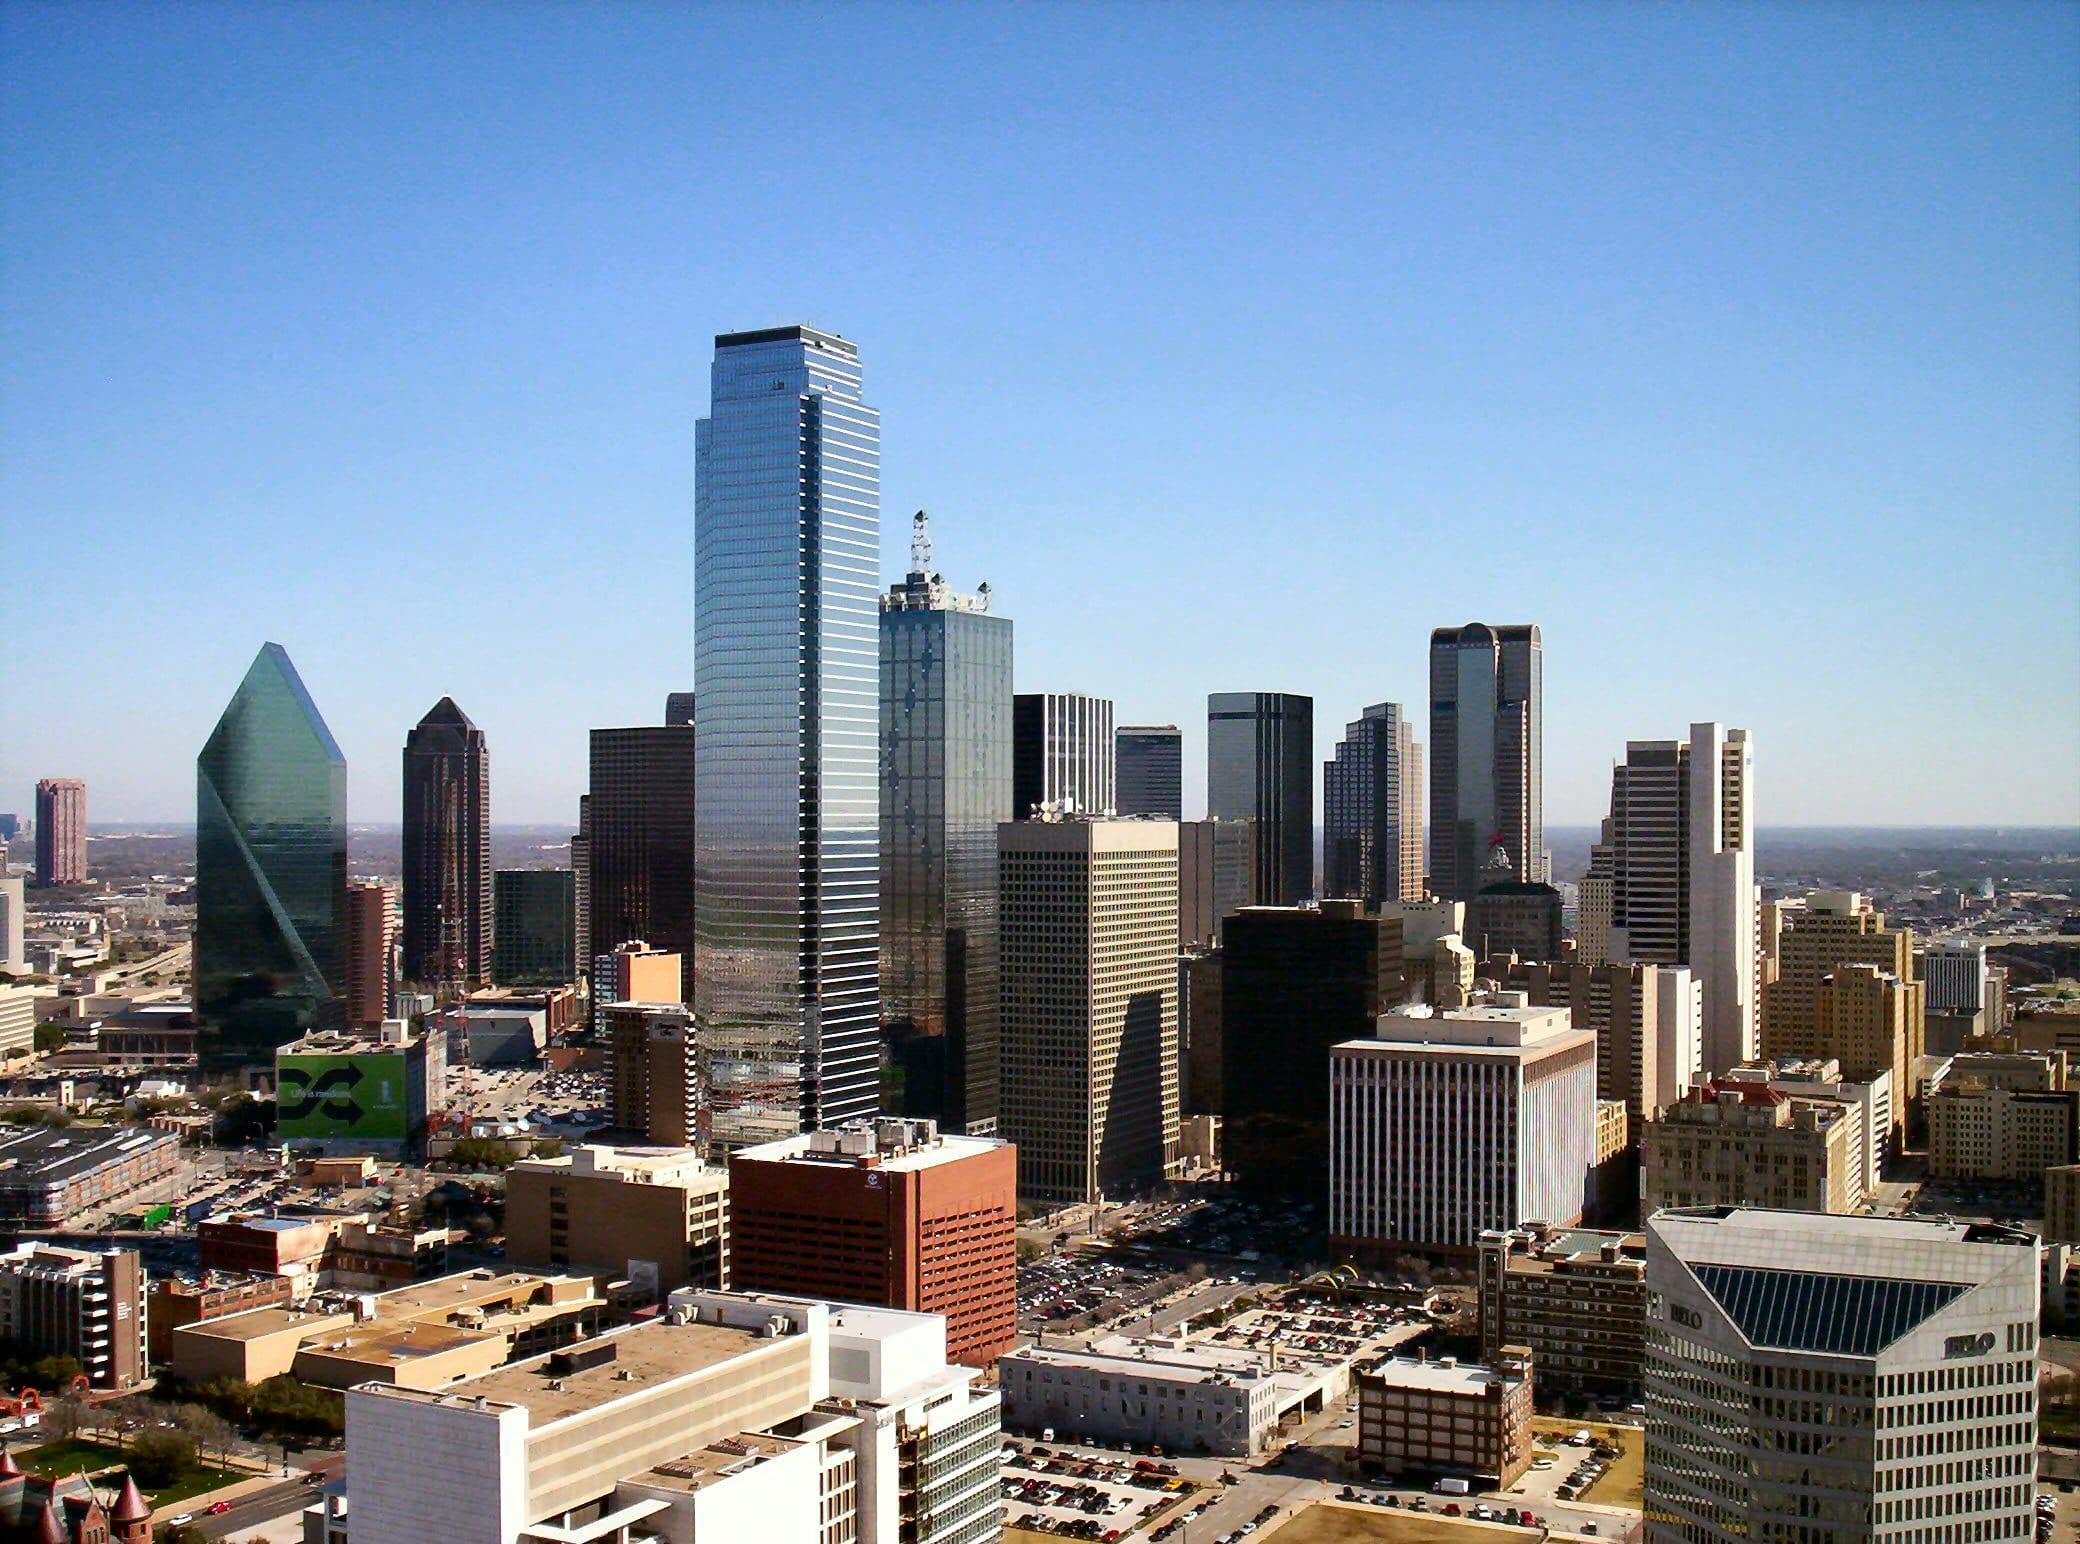 Zgârie nori pe cerul din Dallas, o priveliște care nu s-a schimbat prea mult în decursul anilor